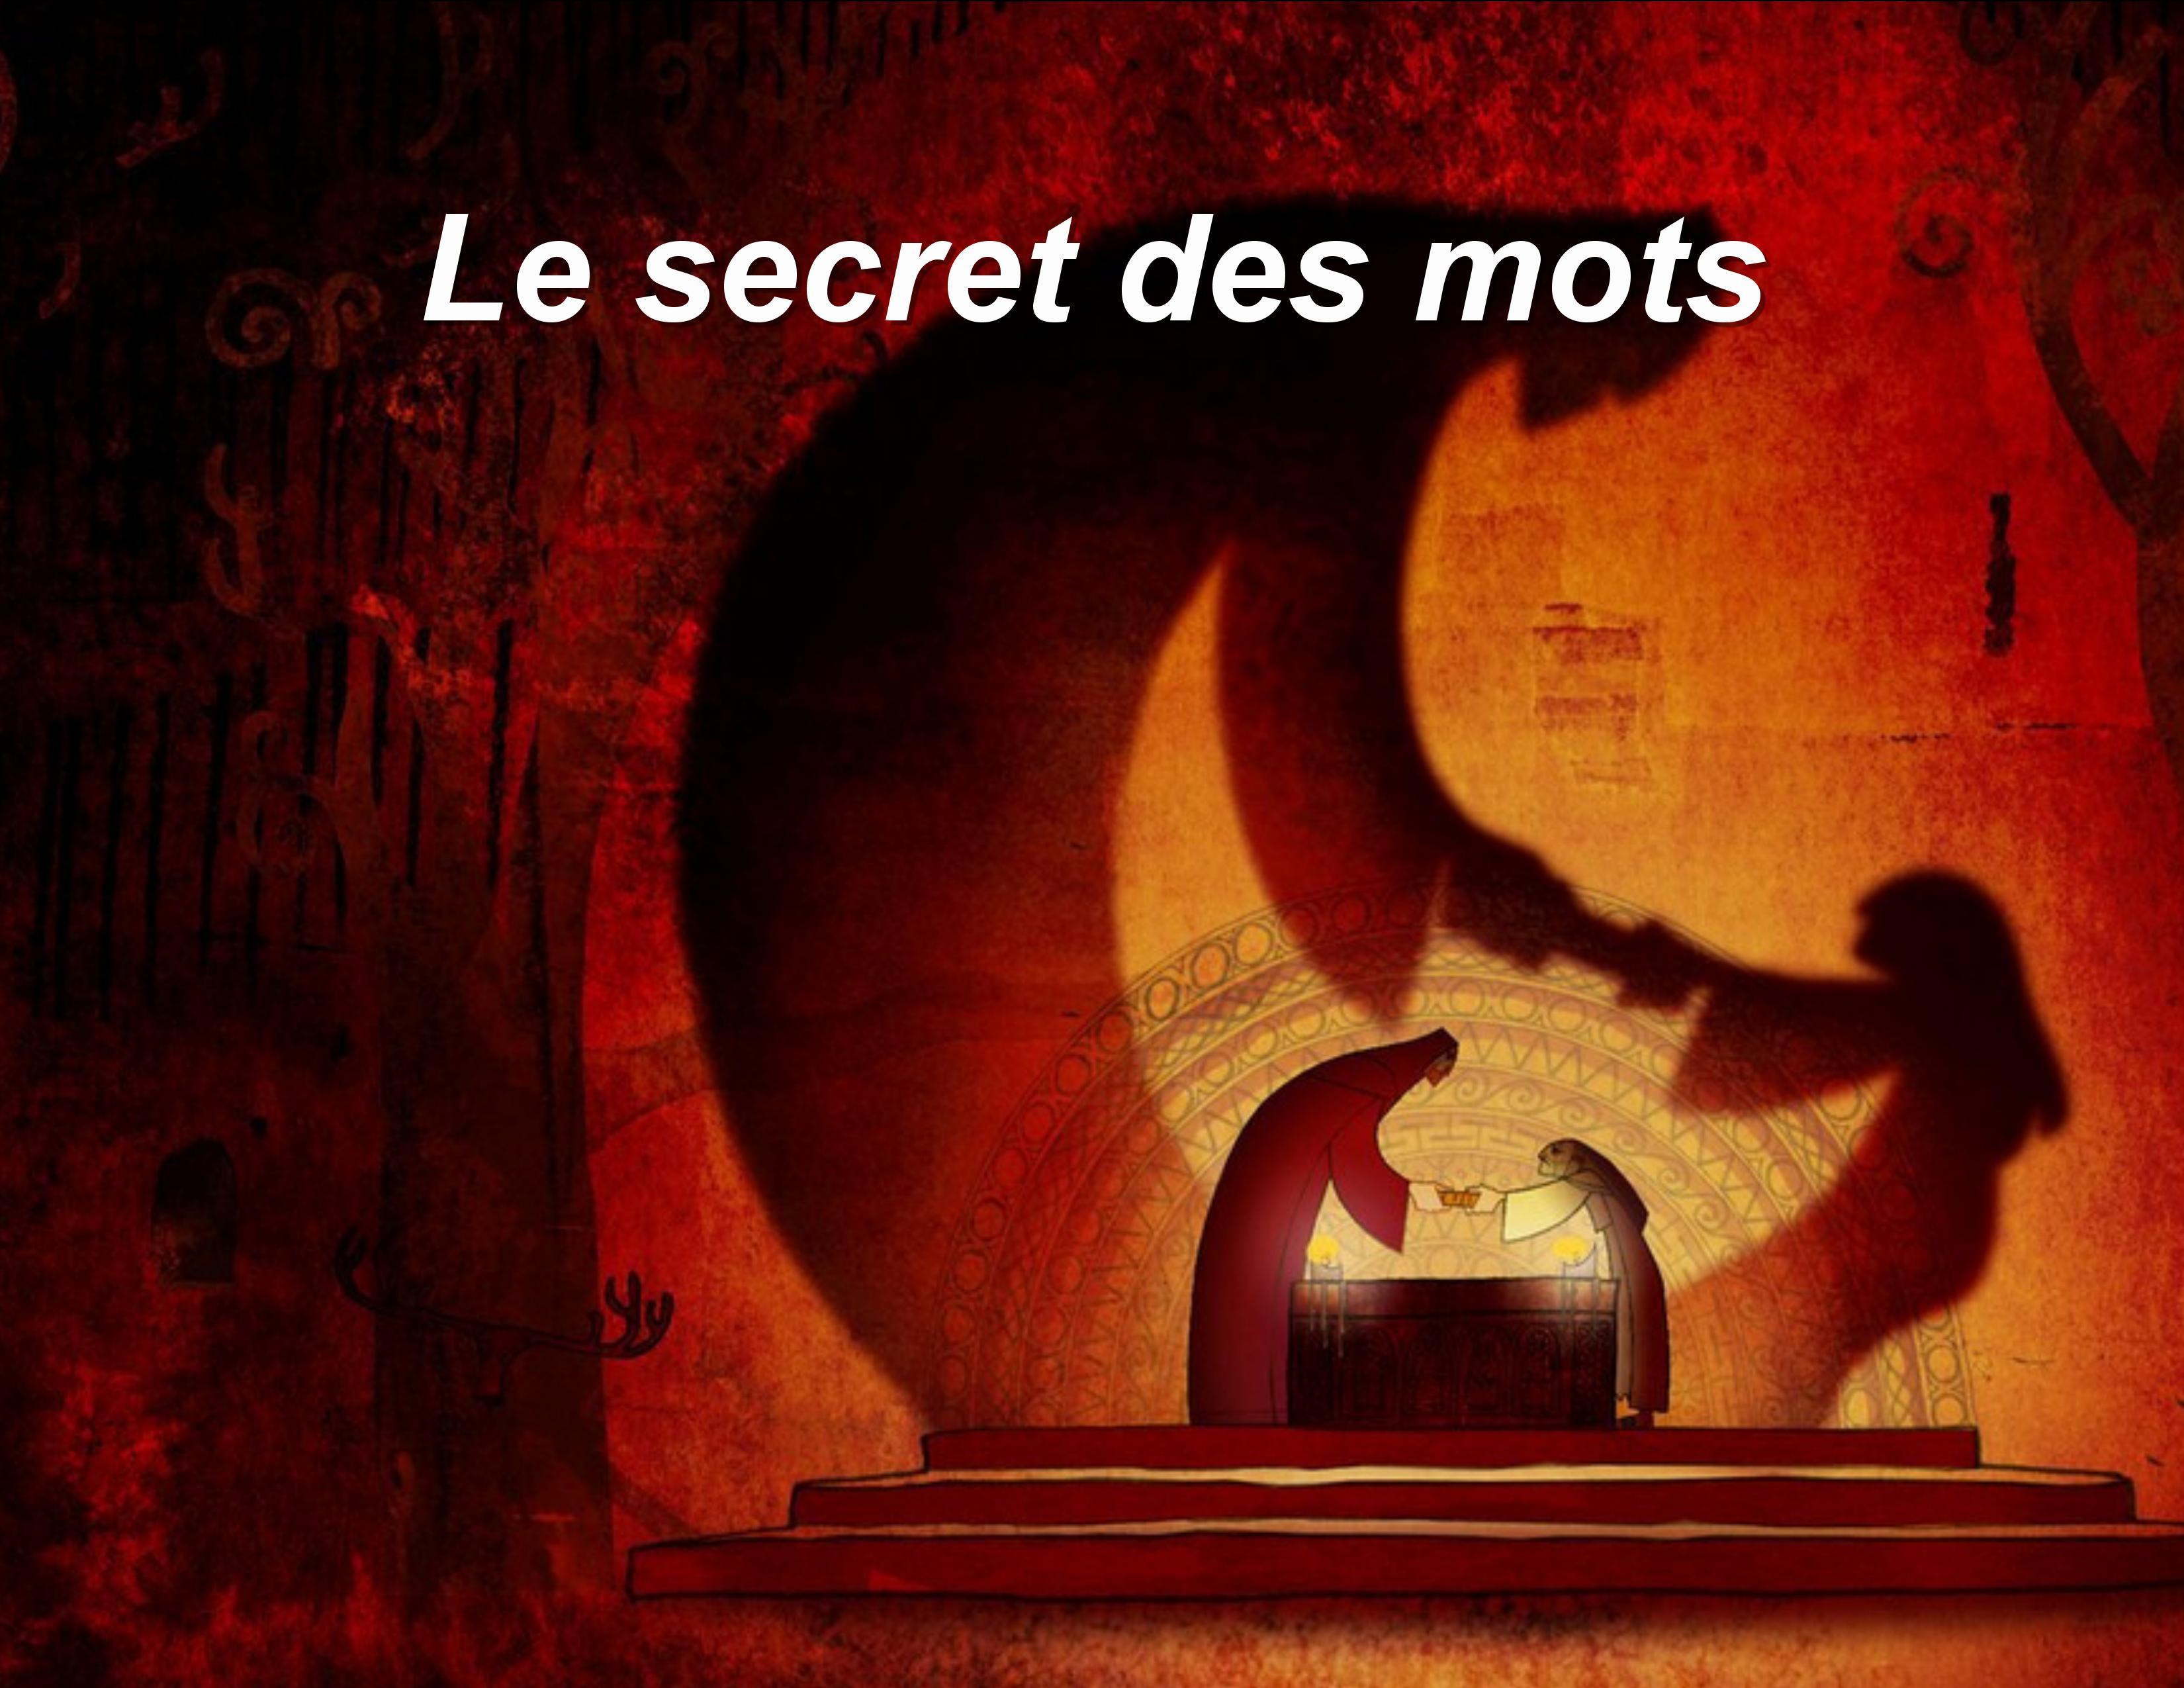 Le secret des mots 7